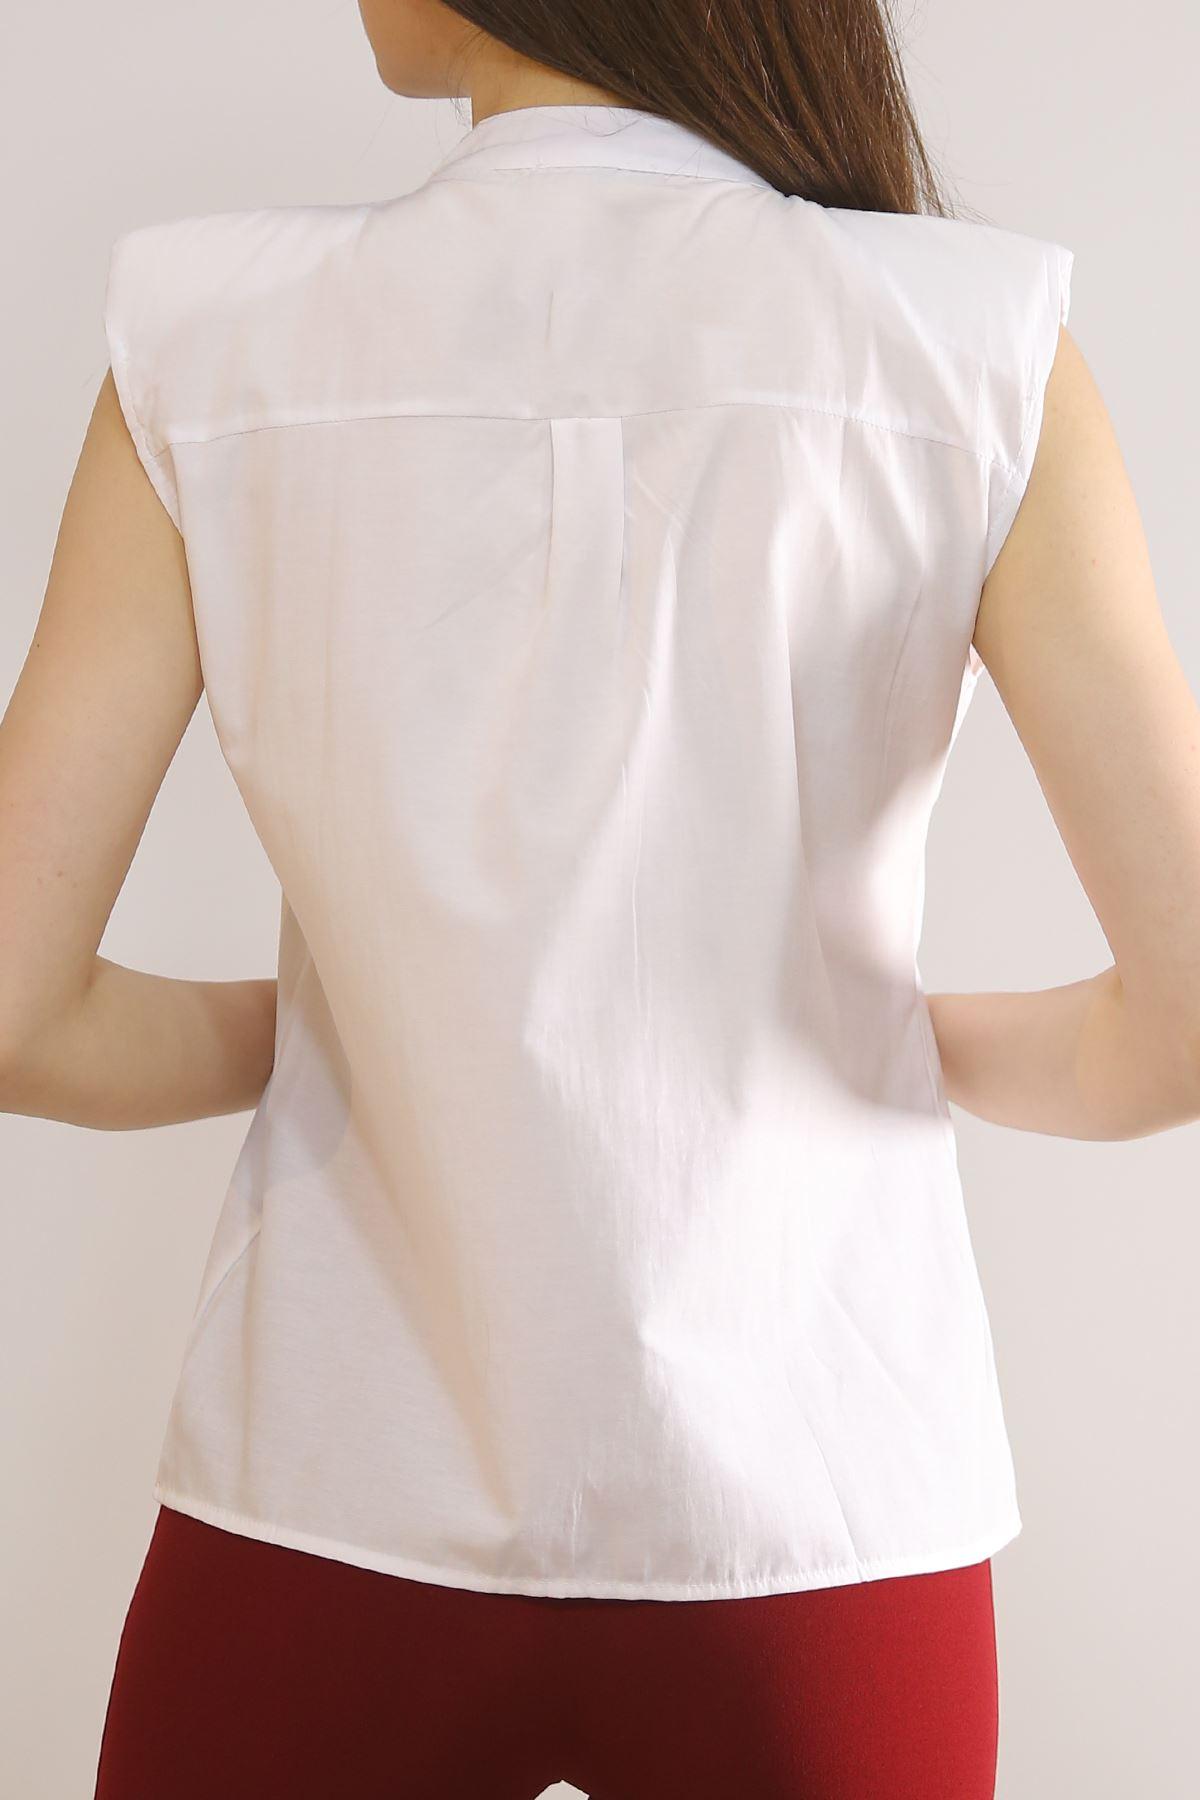 Omuz Vatkalı Gömlek Beyaz - 4771.148.